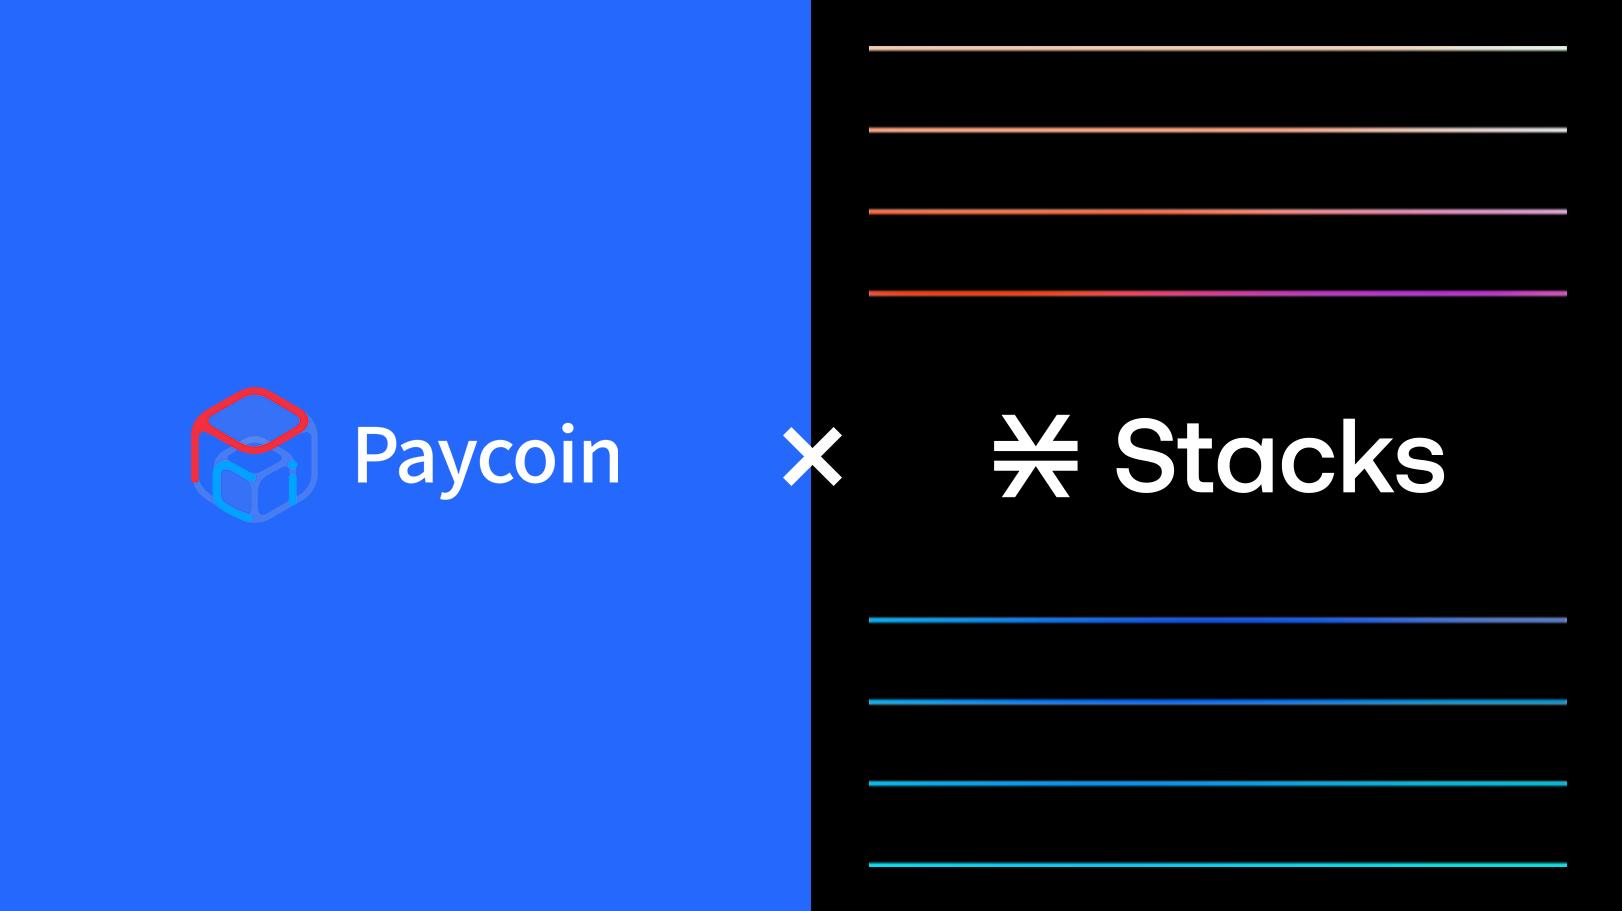 Paycoin将与Stacks展开合作,为用户带来新的支付方式,并支持比特币流动性挖矿-启示财经